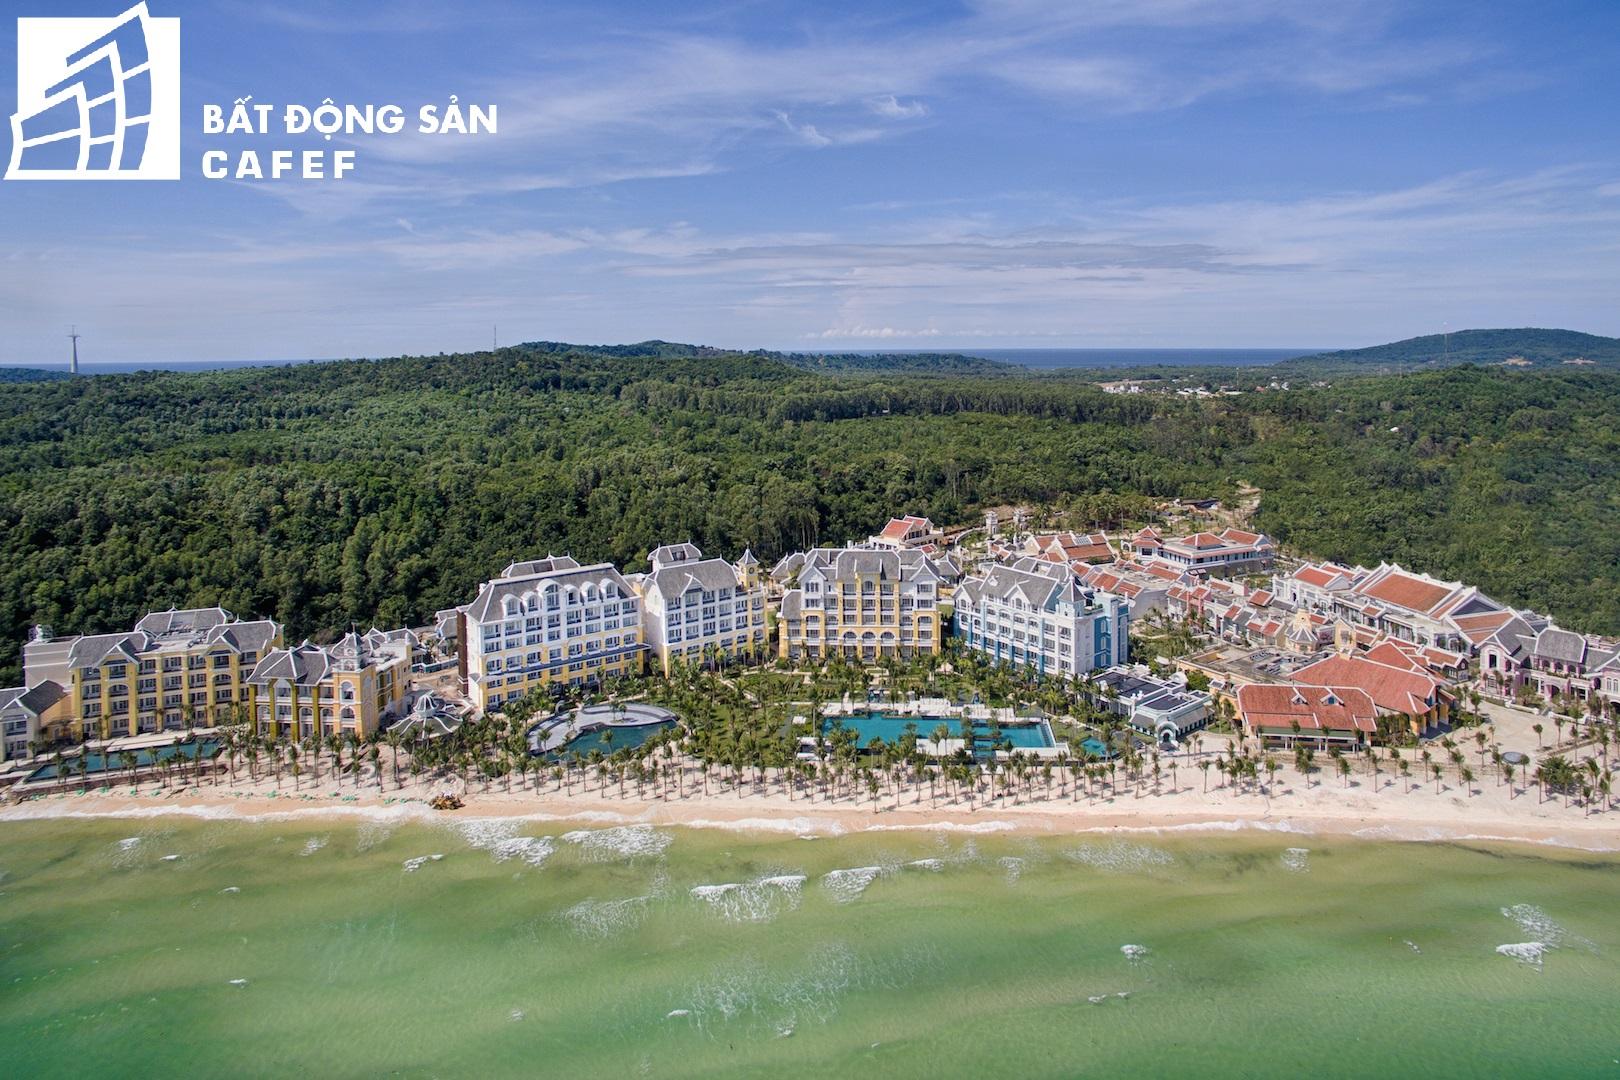 Là một trong những khách sạn sang trọng nhất hiện nay ở Phú Quốc.